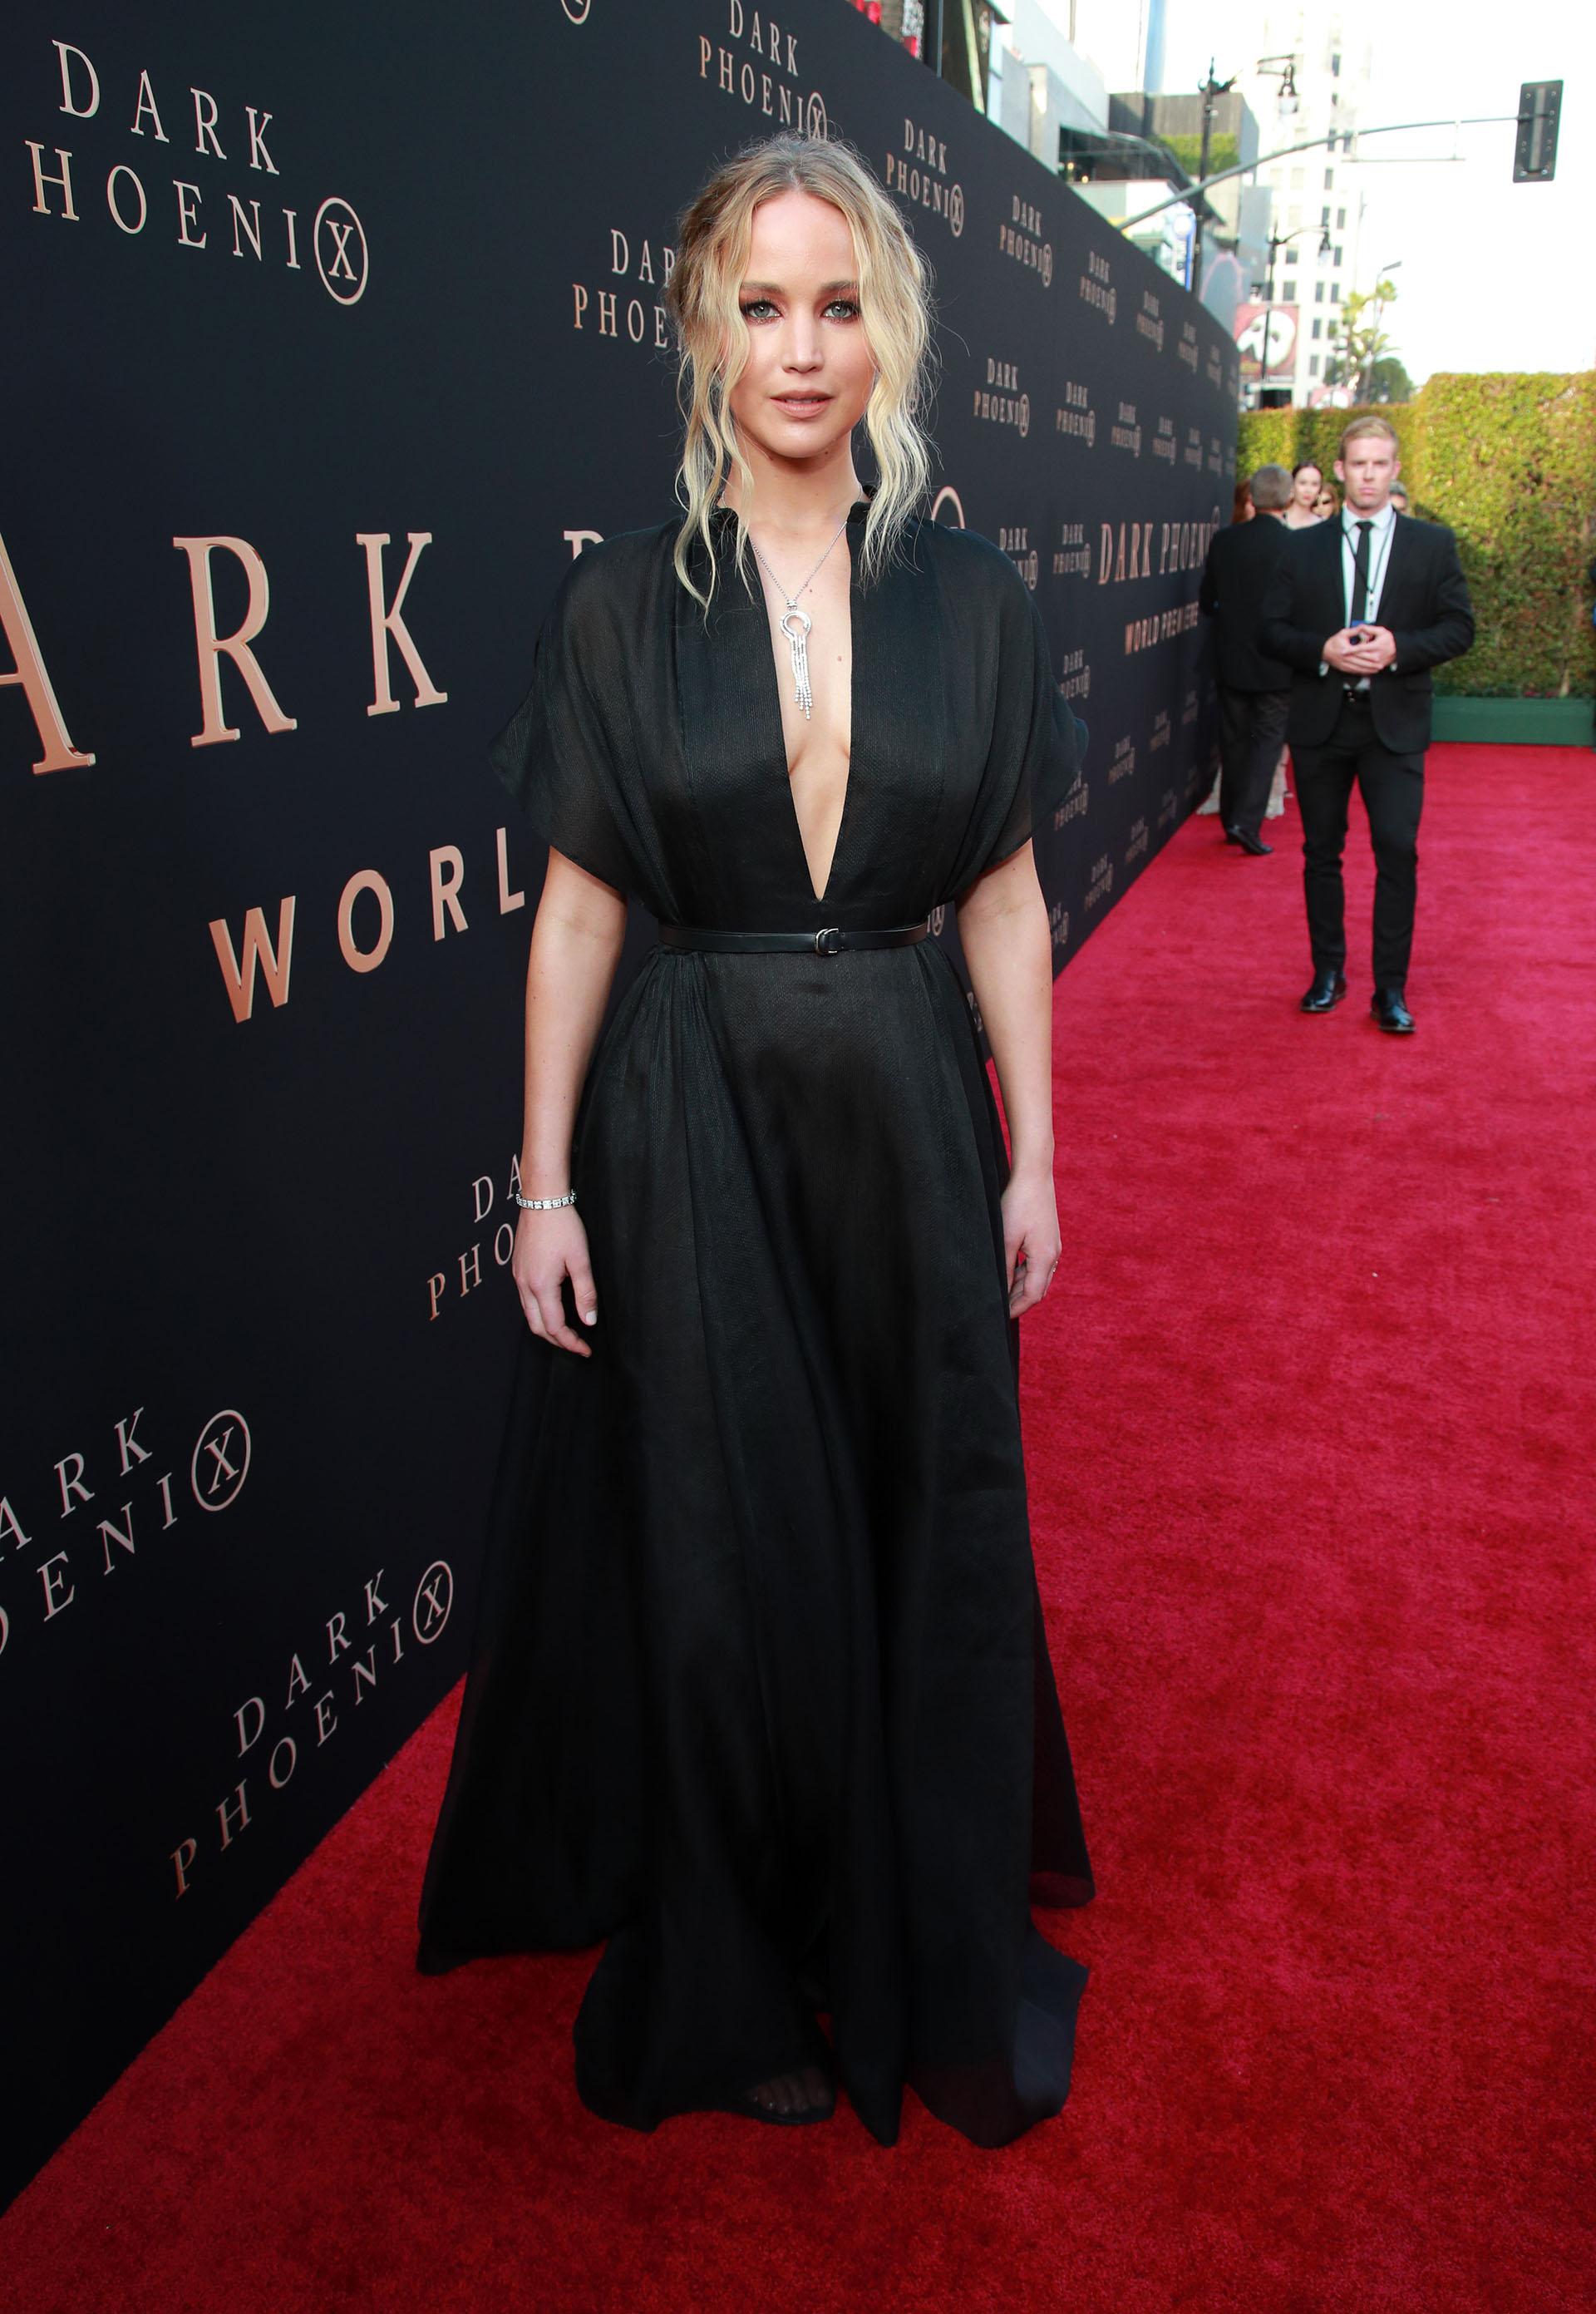 """Jennifer Lawrence con un espectacular vestido negro, a su llegada a la premiere de """"Dark Phoenix"""" que se llevó a cabo en el Teatro Chino, en Hollywood, California"""